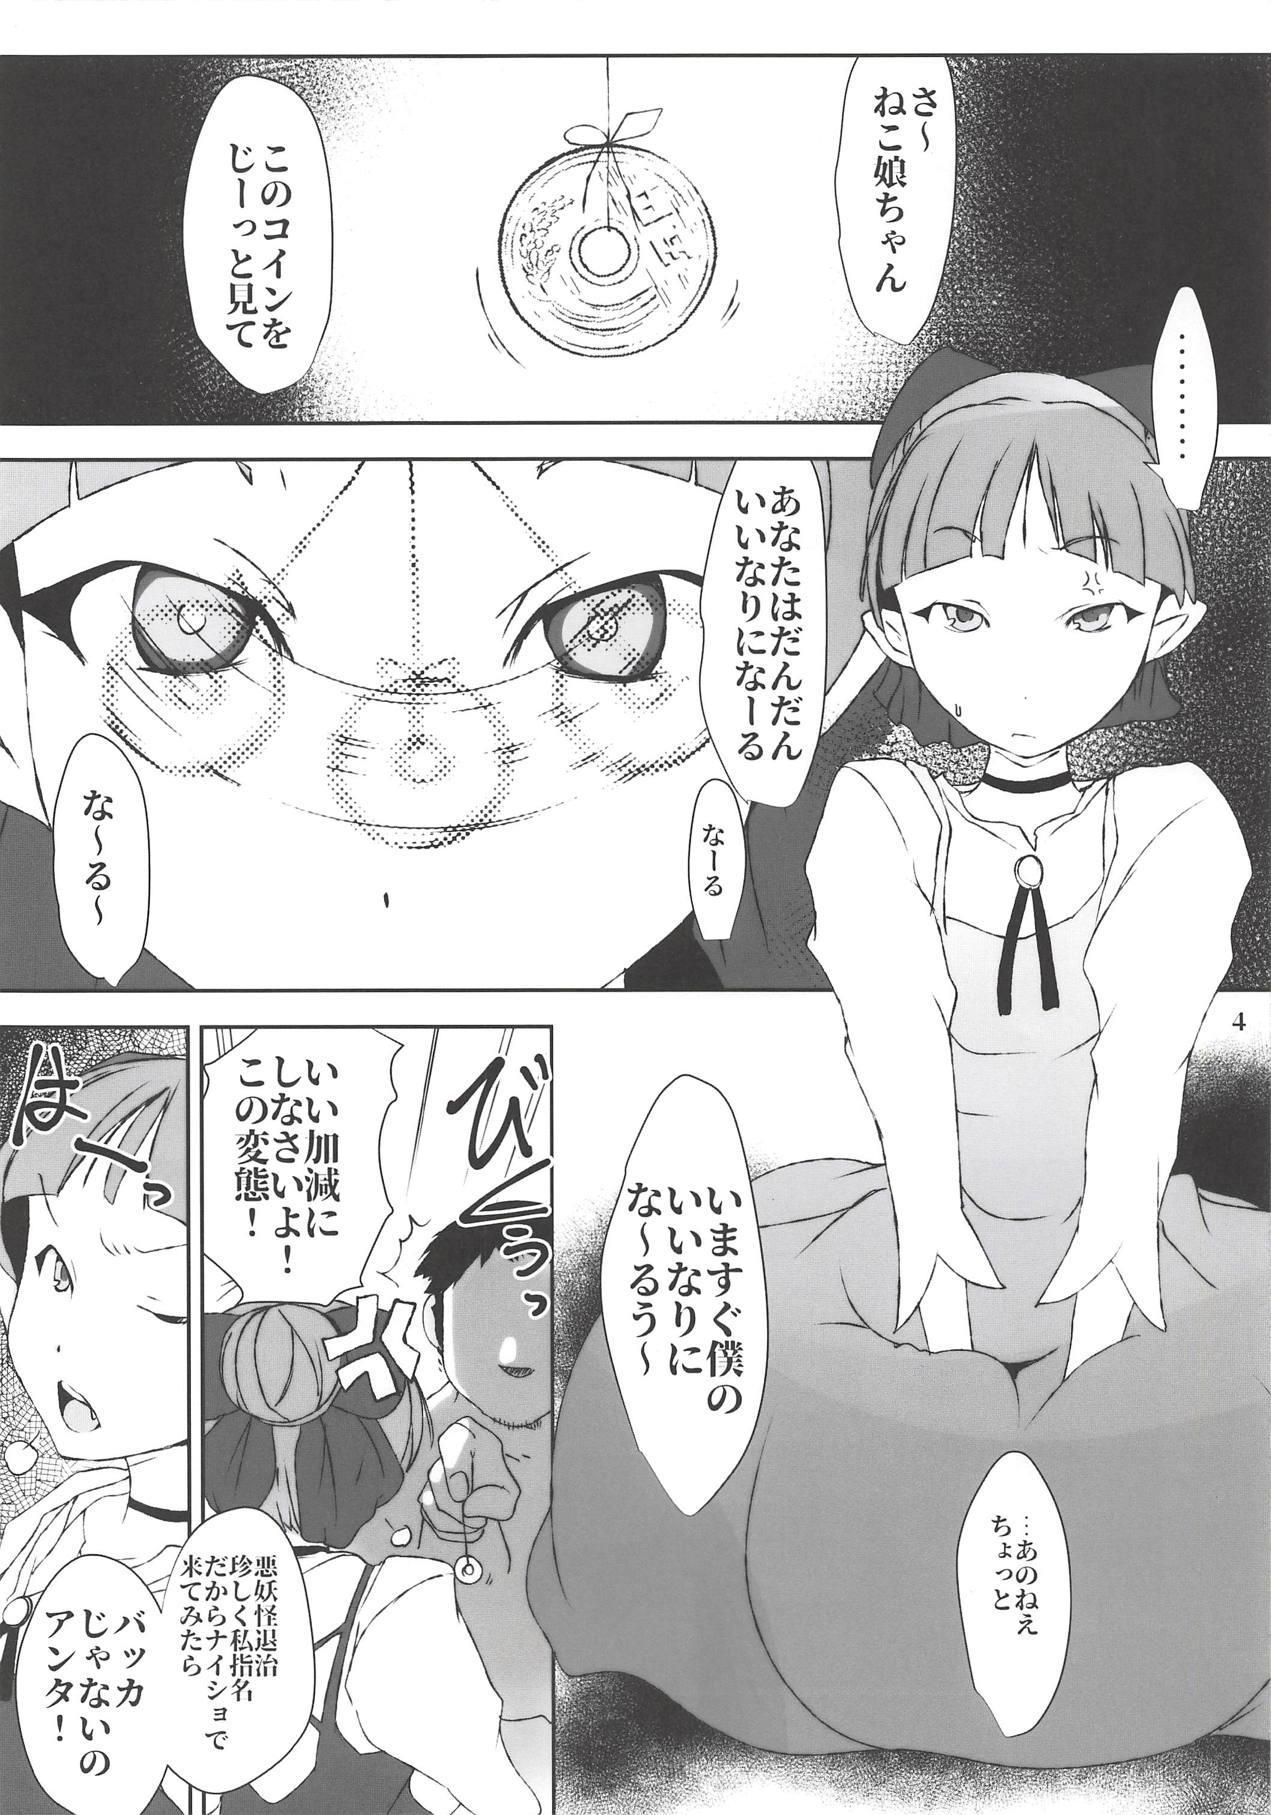 Neko Musume wa Boku no Iinari Saiin Kimeseku Juujun Pet 3